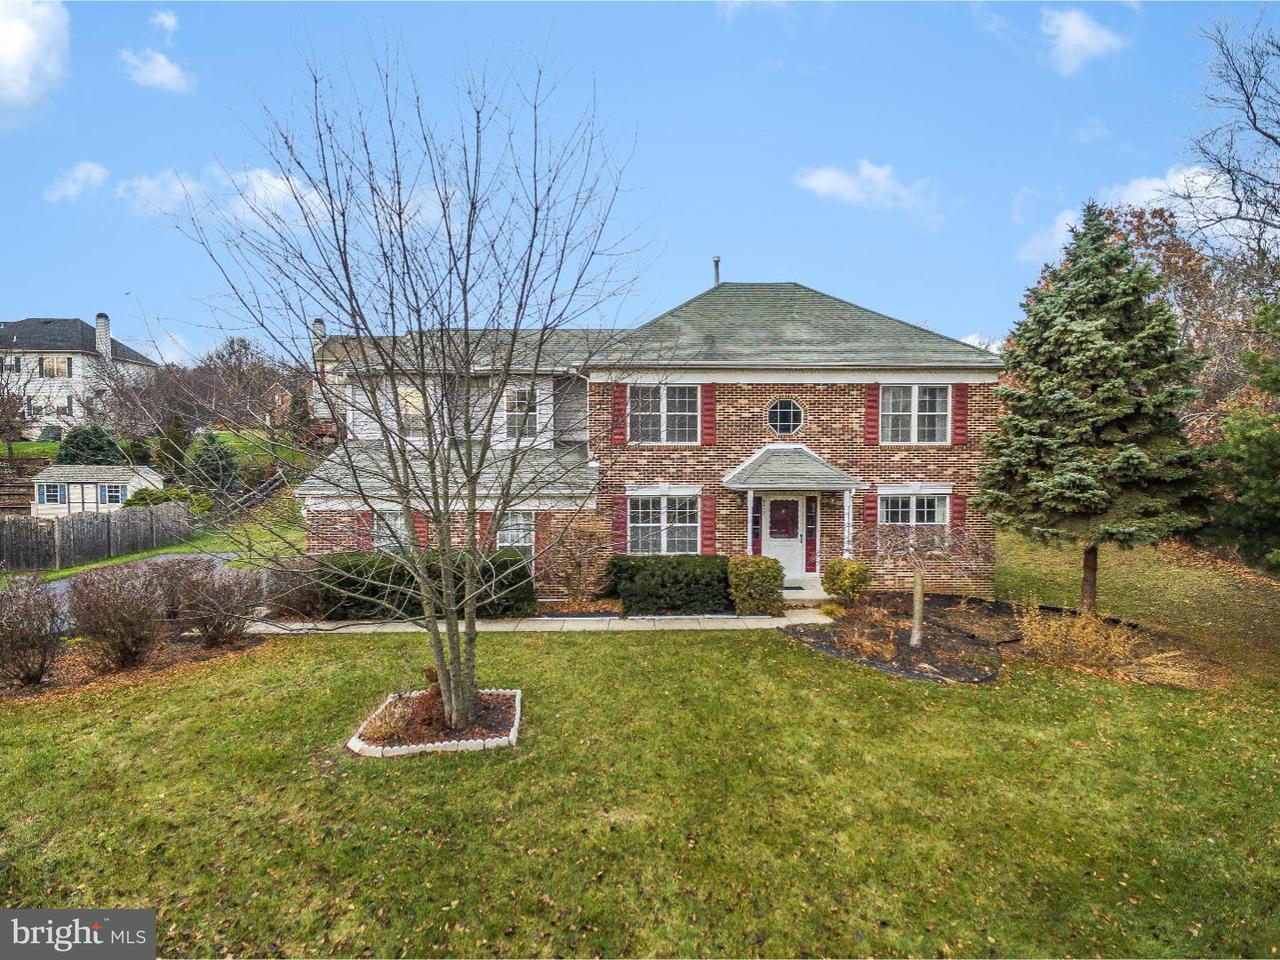 Частный односемейный дом для того Продажа на 9012 TROLLEY Lane Eagleville, Пенсильвания 19403 Соединенные Штаты